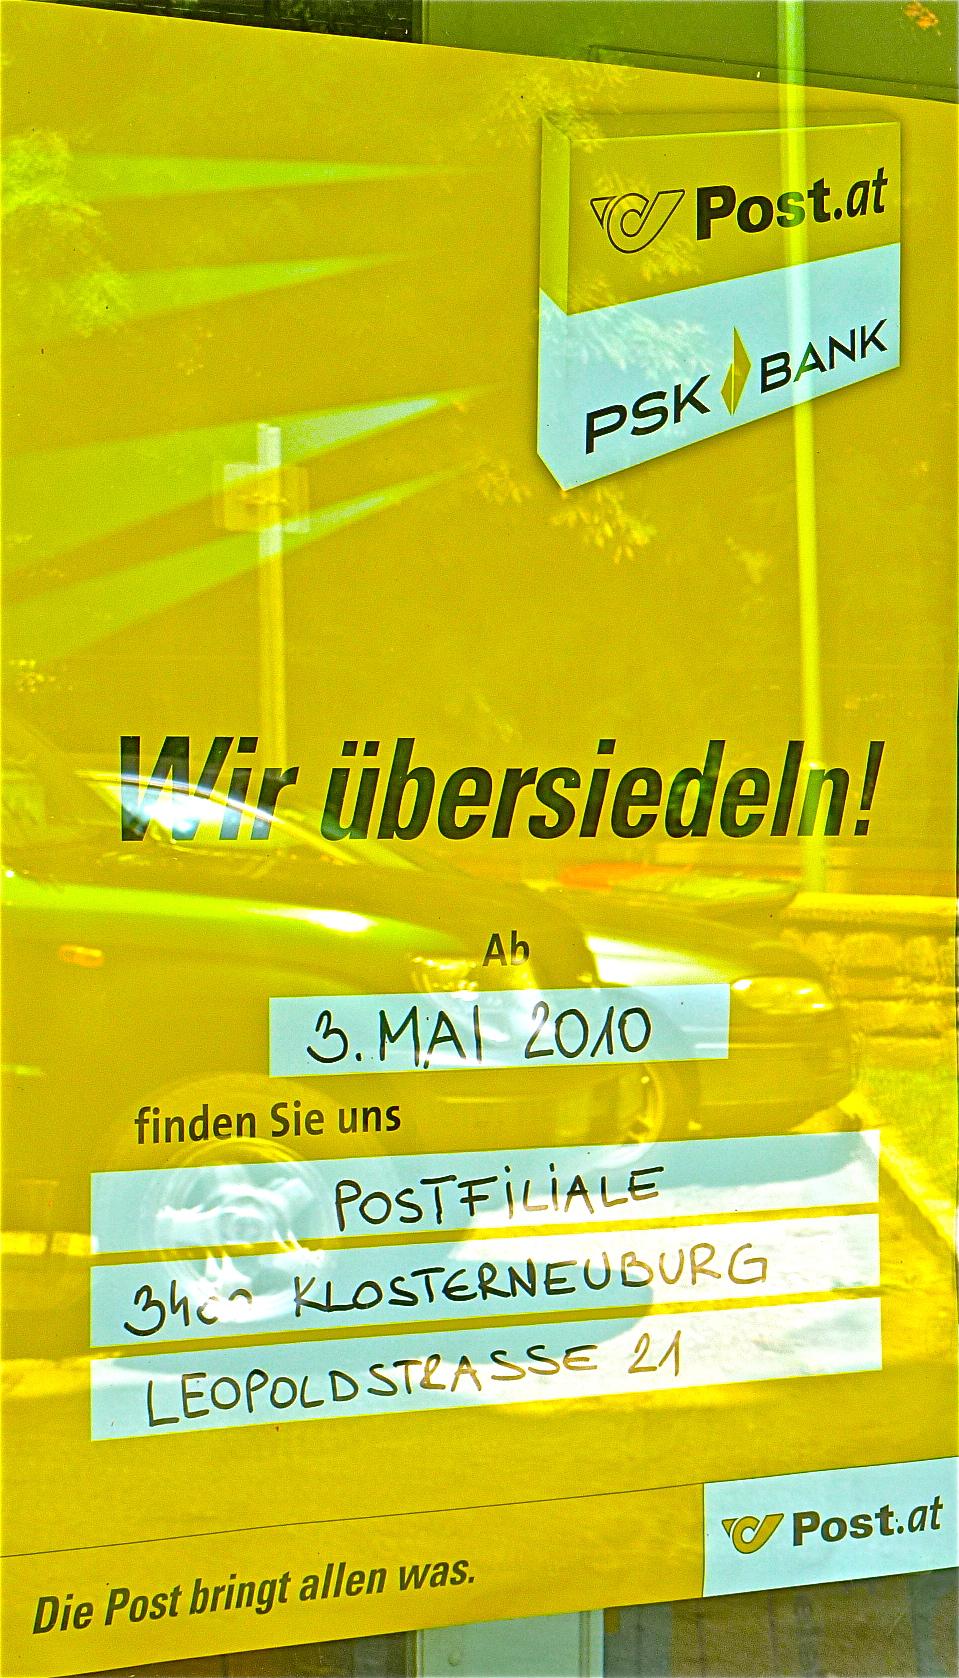 P1000227 Die Österreichische Post und ältere Menschen